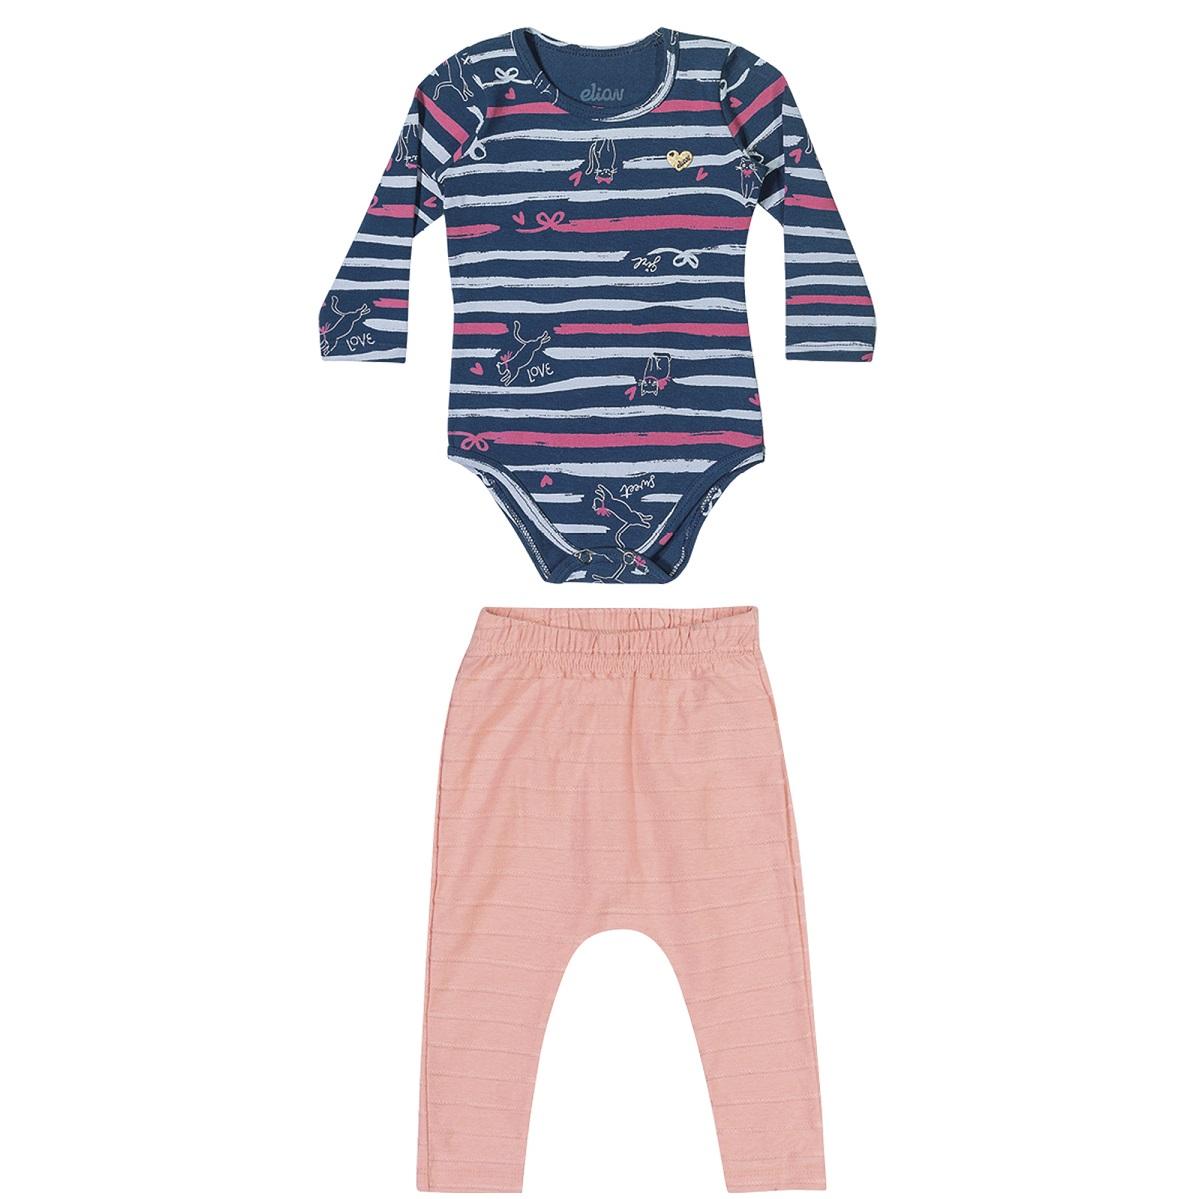 Conjunto Infantil Feminino Body e Calça - ELIAN 211129